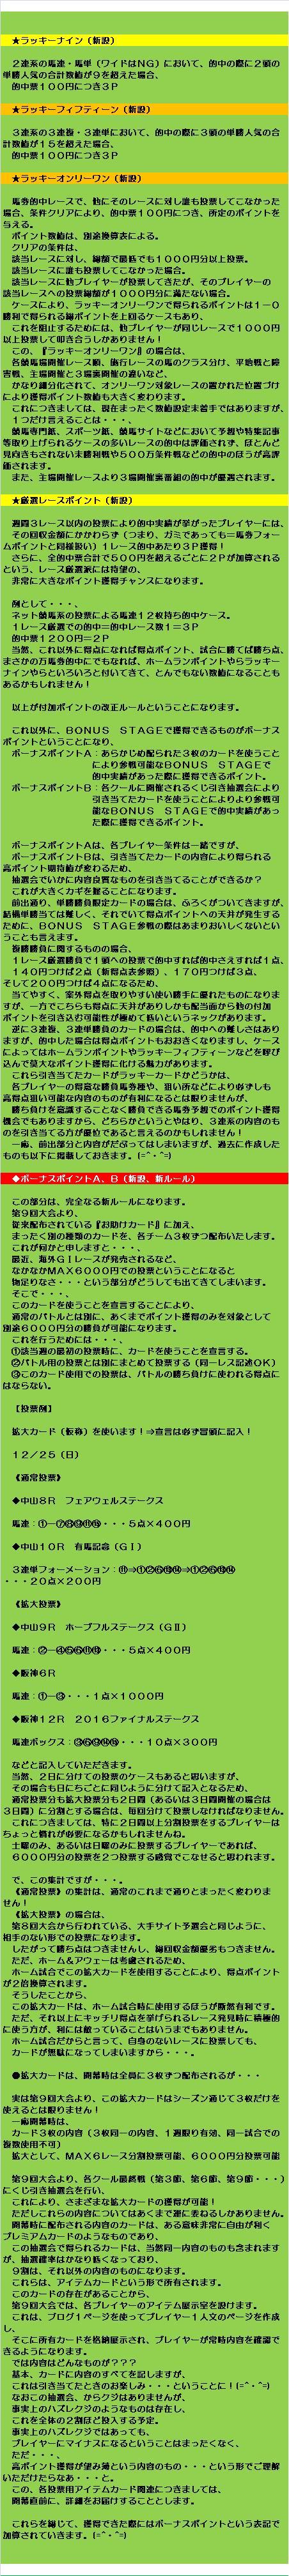 20170328・第9回大会ルール改正④.jpg